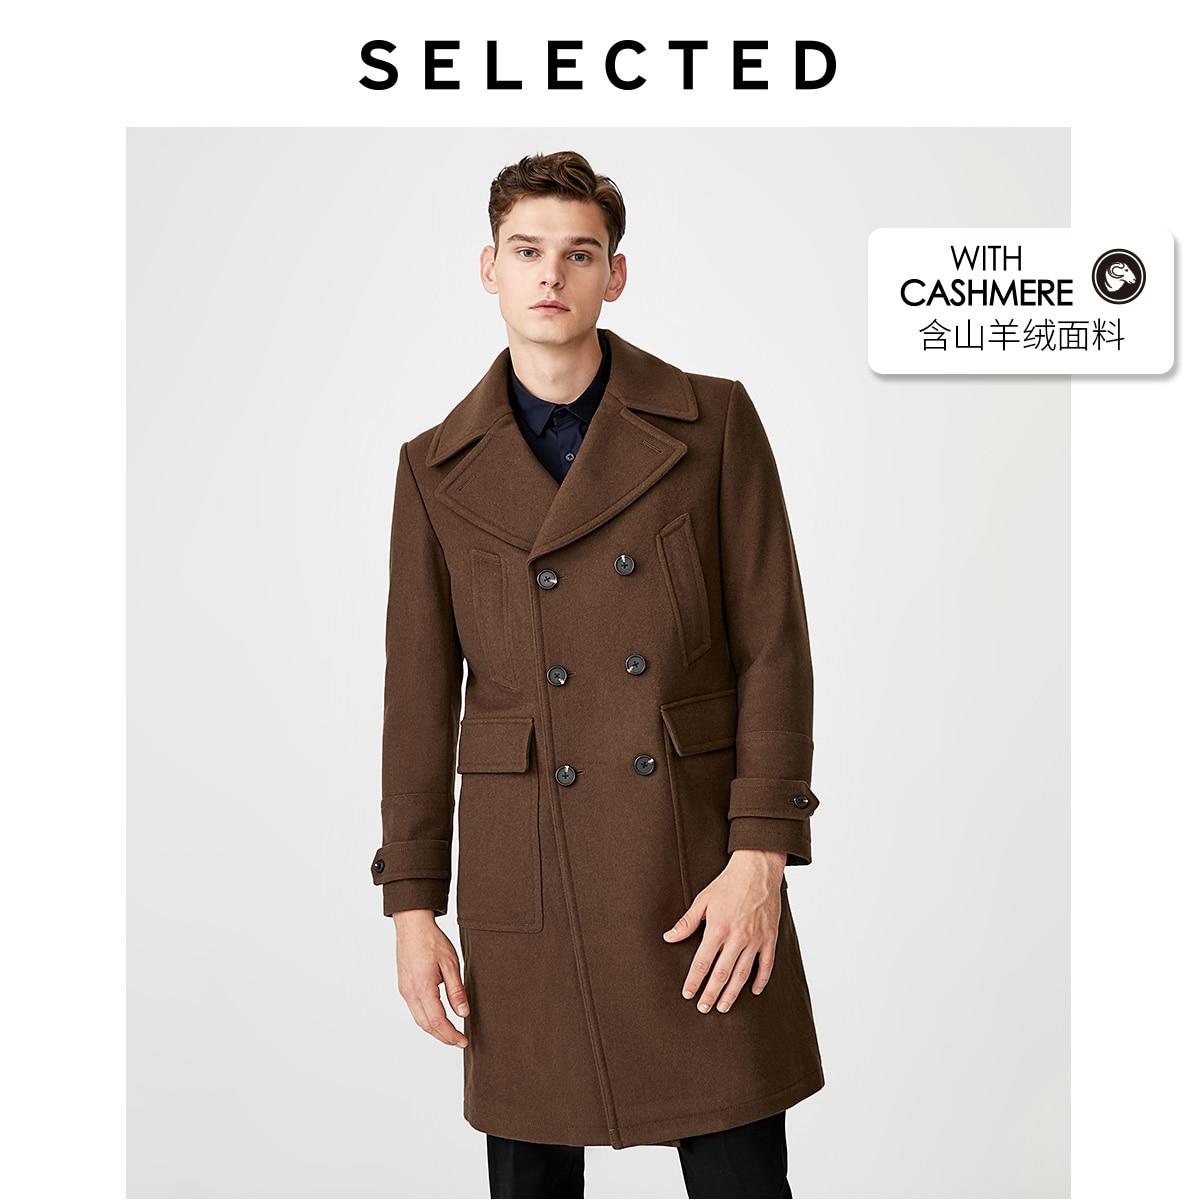 SELECTED Men's Woolen Overcoat Autumn & Winter Wool Coat Outwear S 419427547